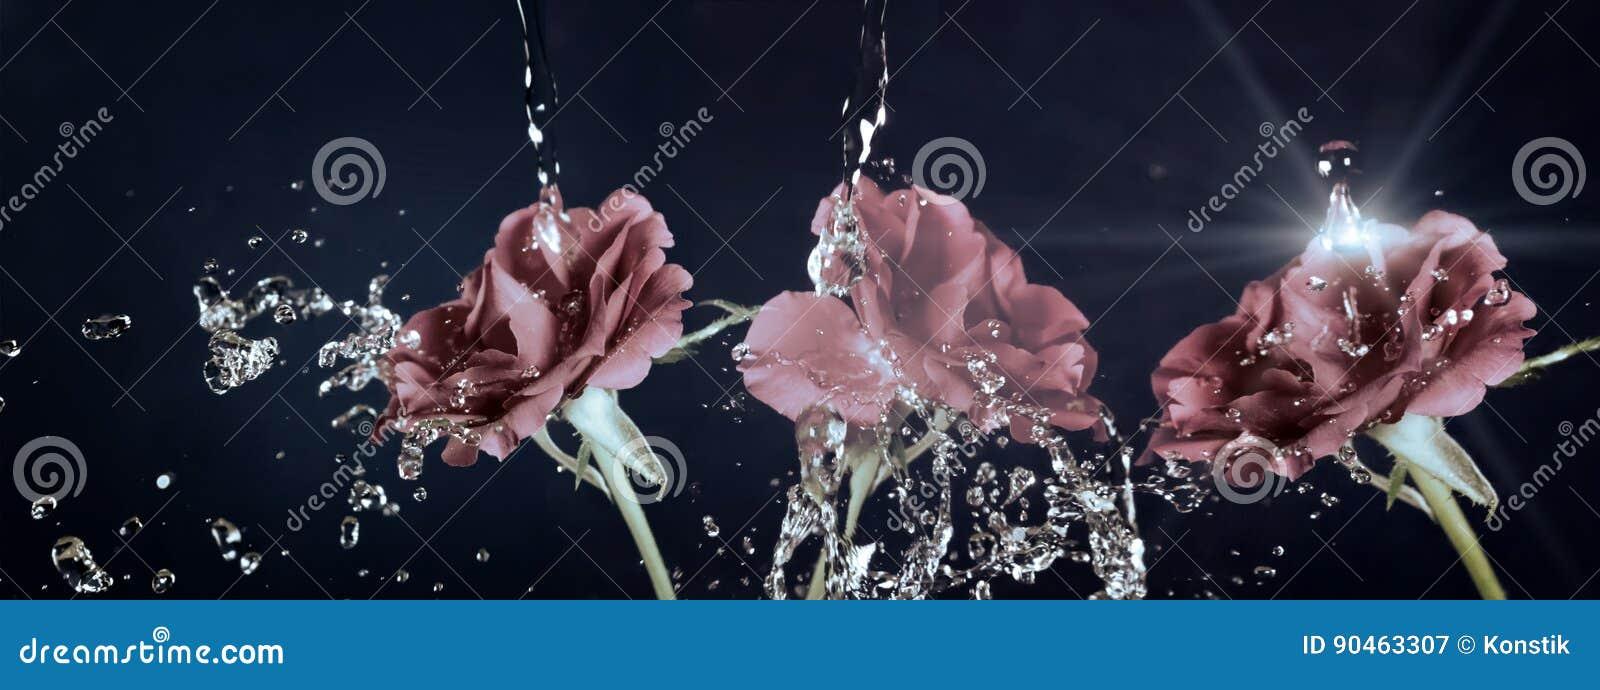 Розовый цветок в дожде, падения воды светя, год сбора винограда, ретро влияние